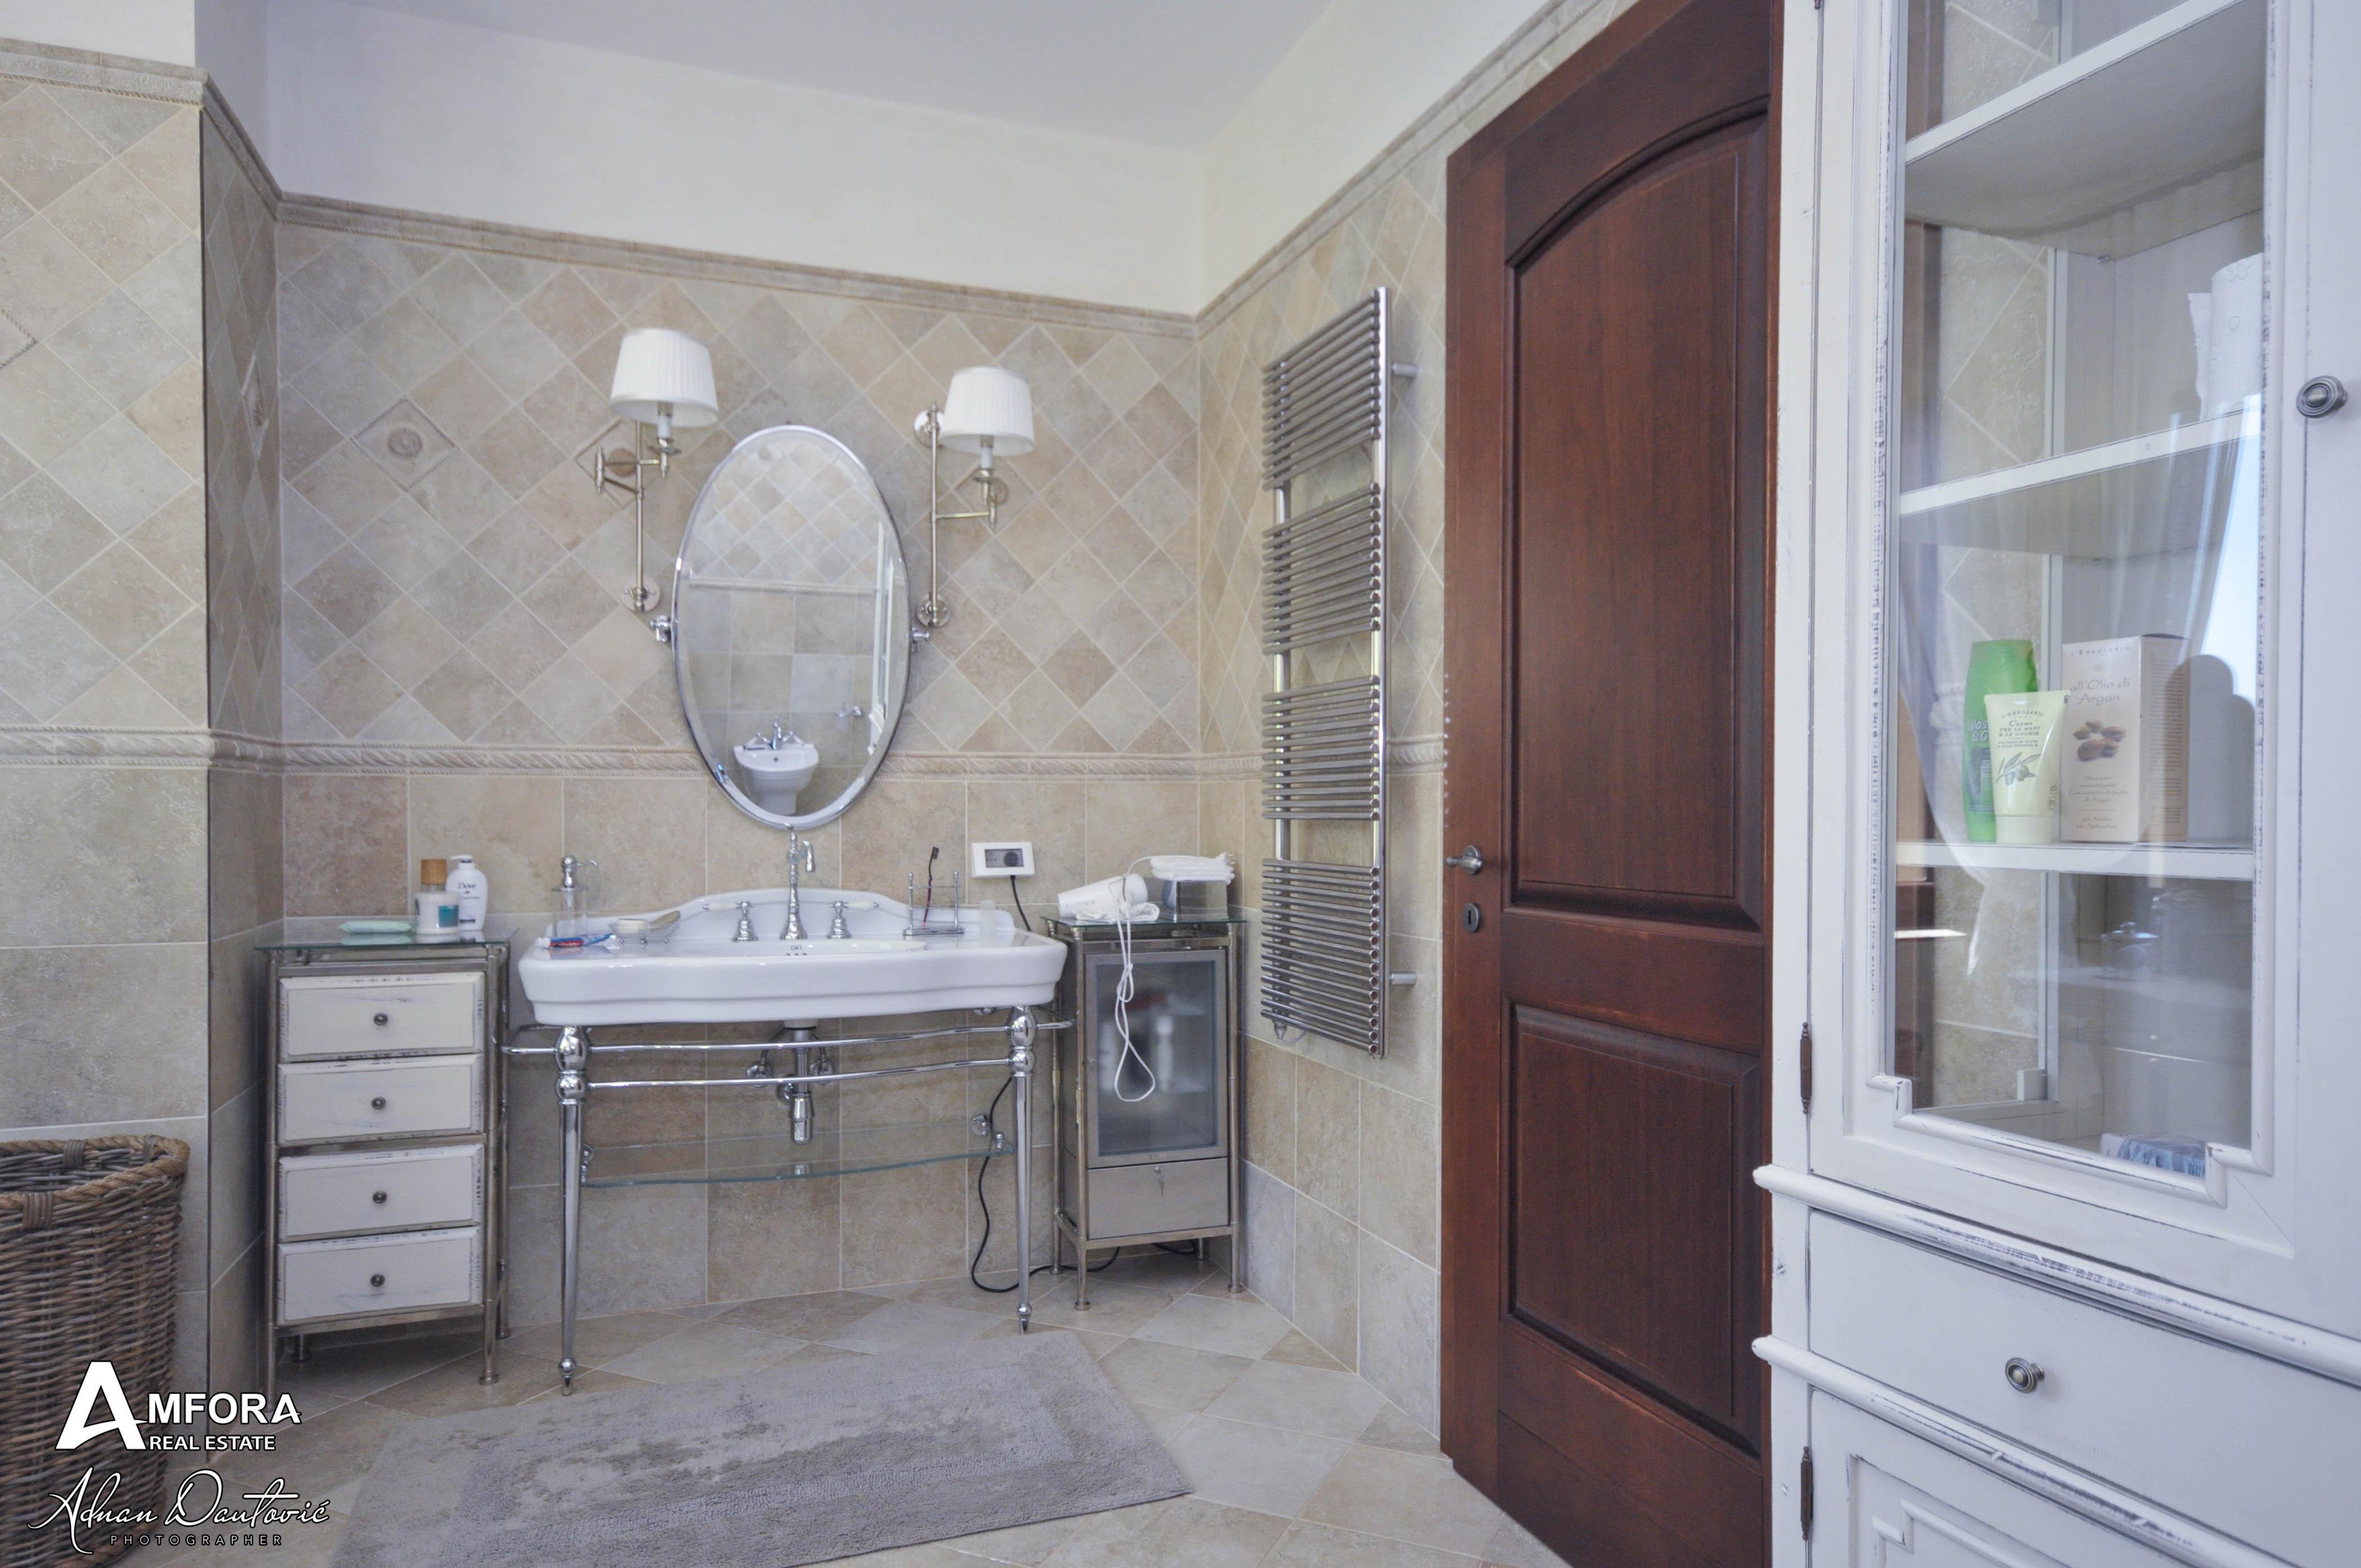 amforaproperty.com/Najluksuznija nekretnina u Crnoj Gori! Velelepna vila na uređenom imanju! Blizikuće-Budva